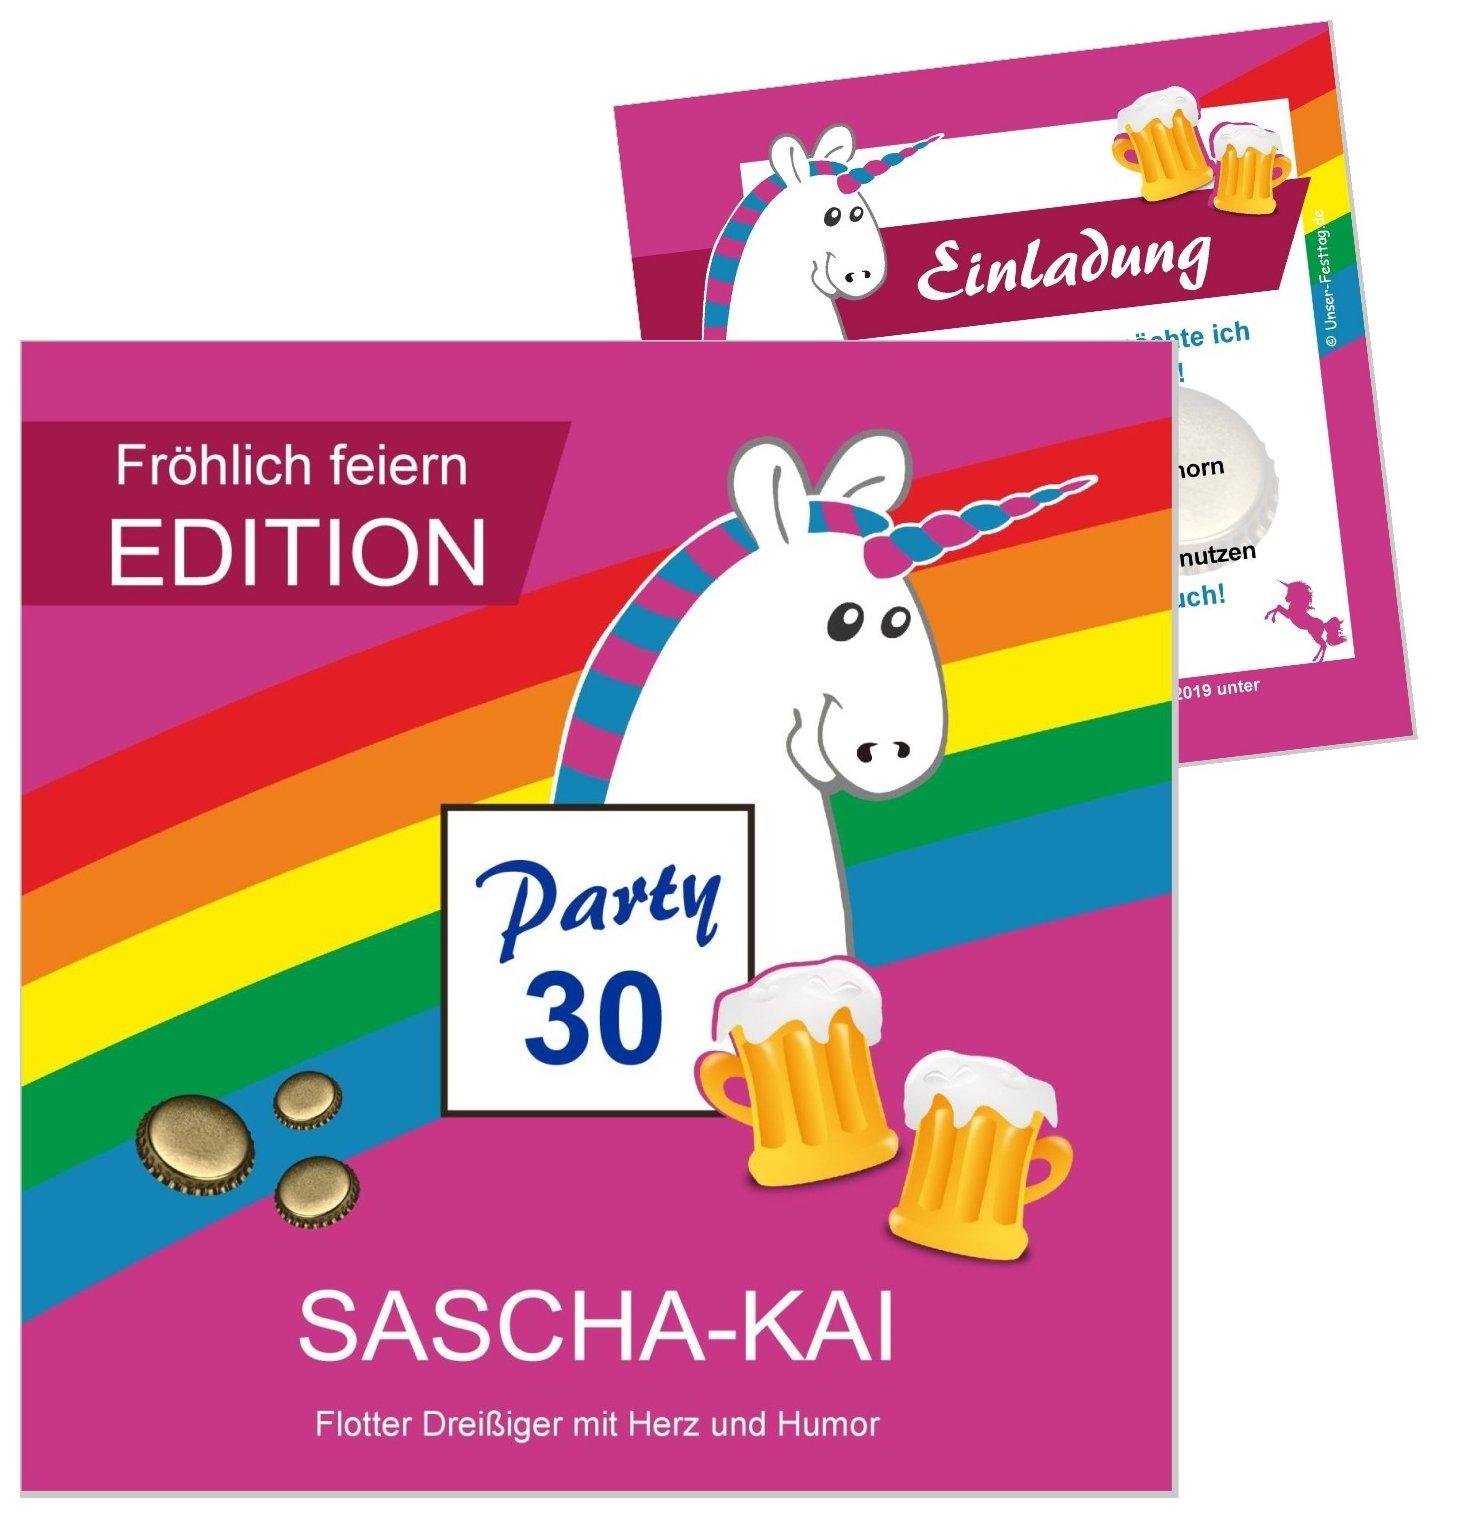 Einladungskarten Geburtstag Einladungskarten Selbst: Lustige Und Witzige Geburtstagseinladungen